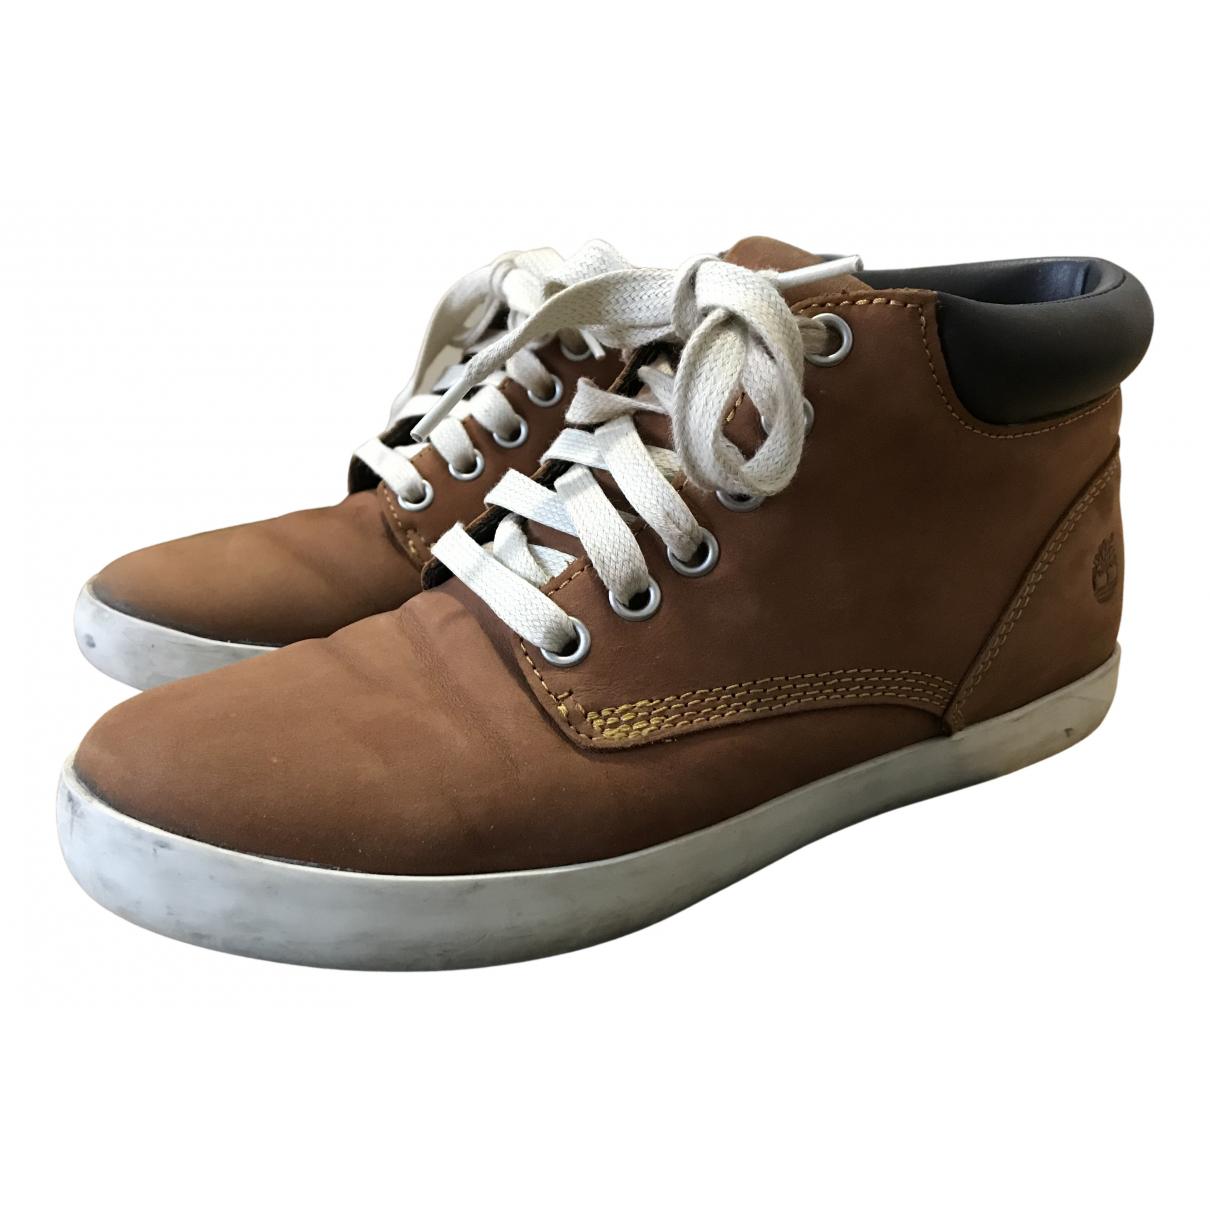 Timberland - Boots   pour femme en cuir - marron